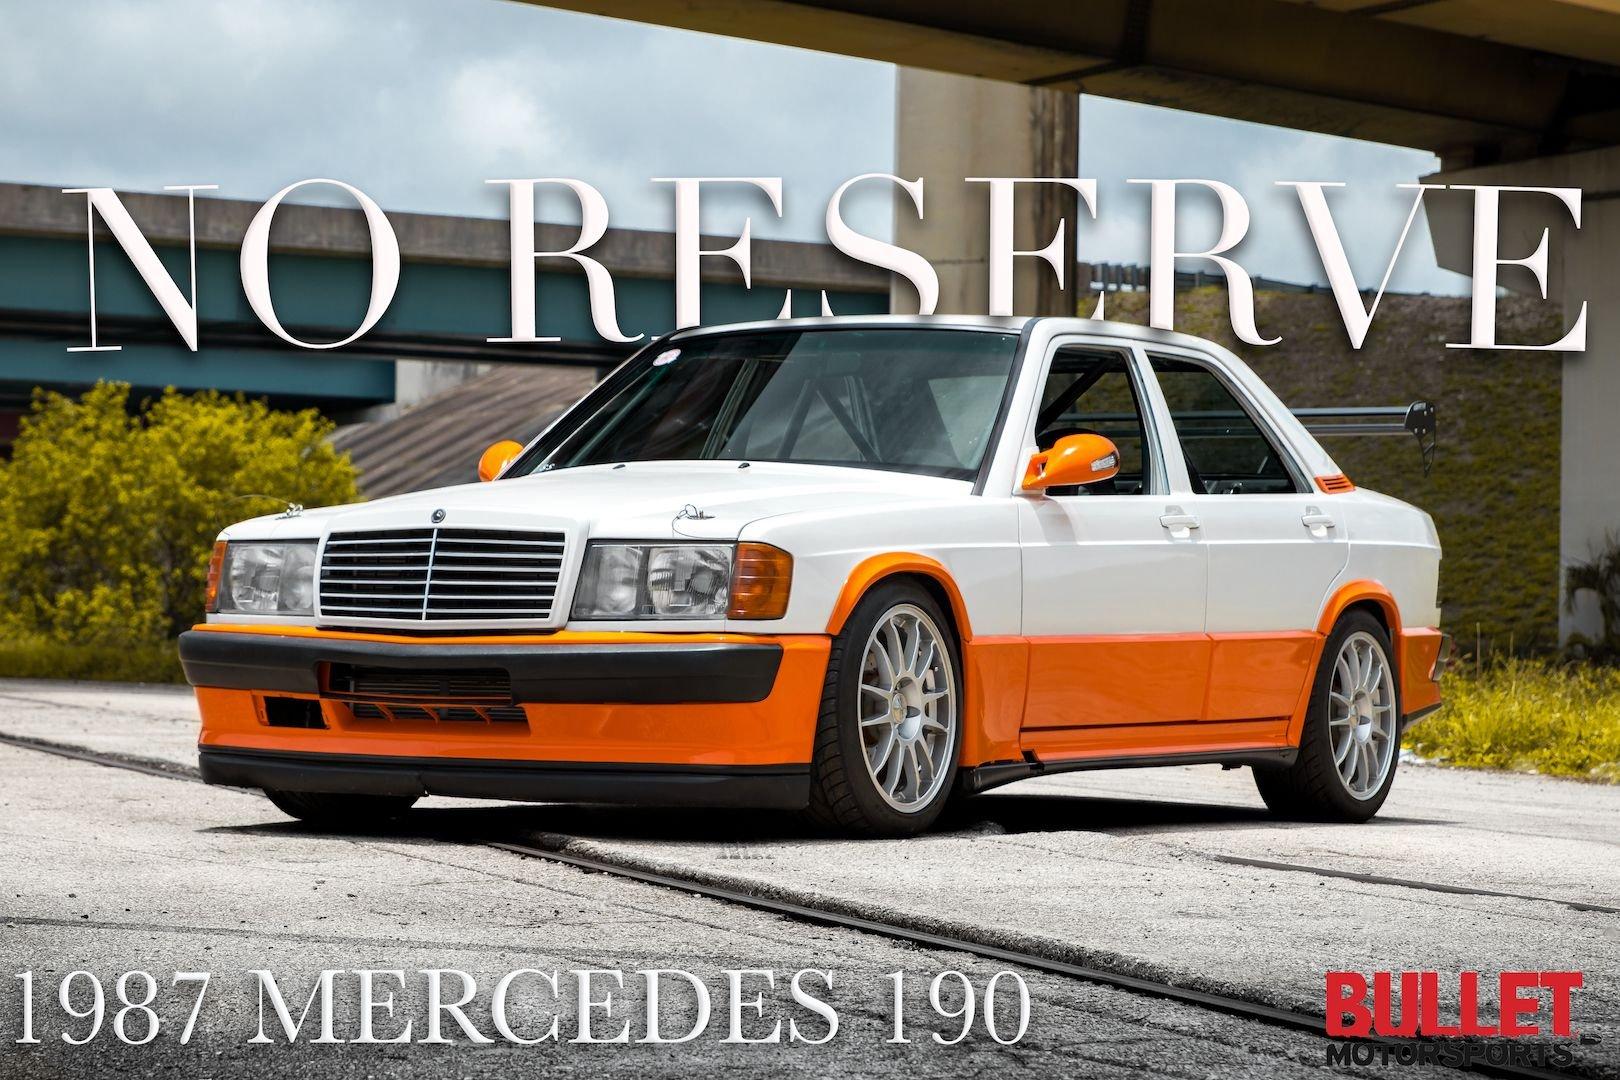 1987 mercedes 190 no reserve